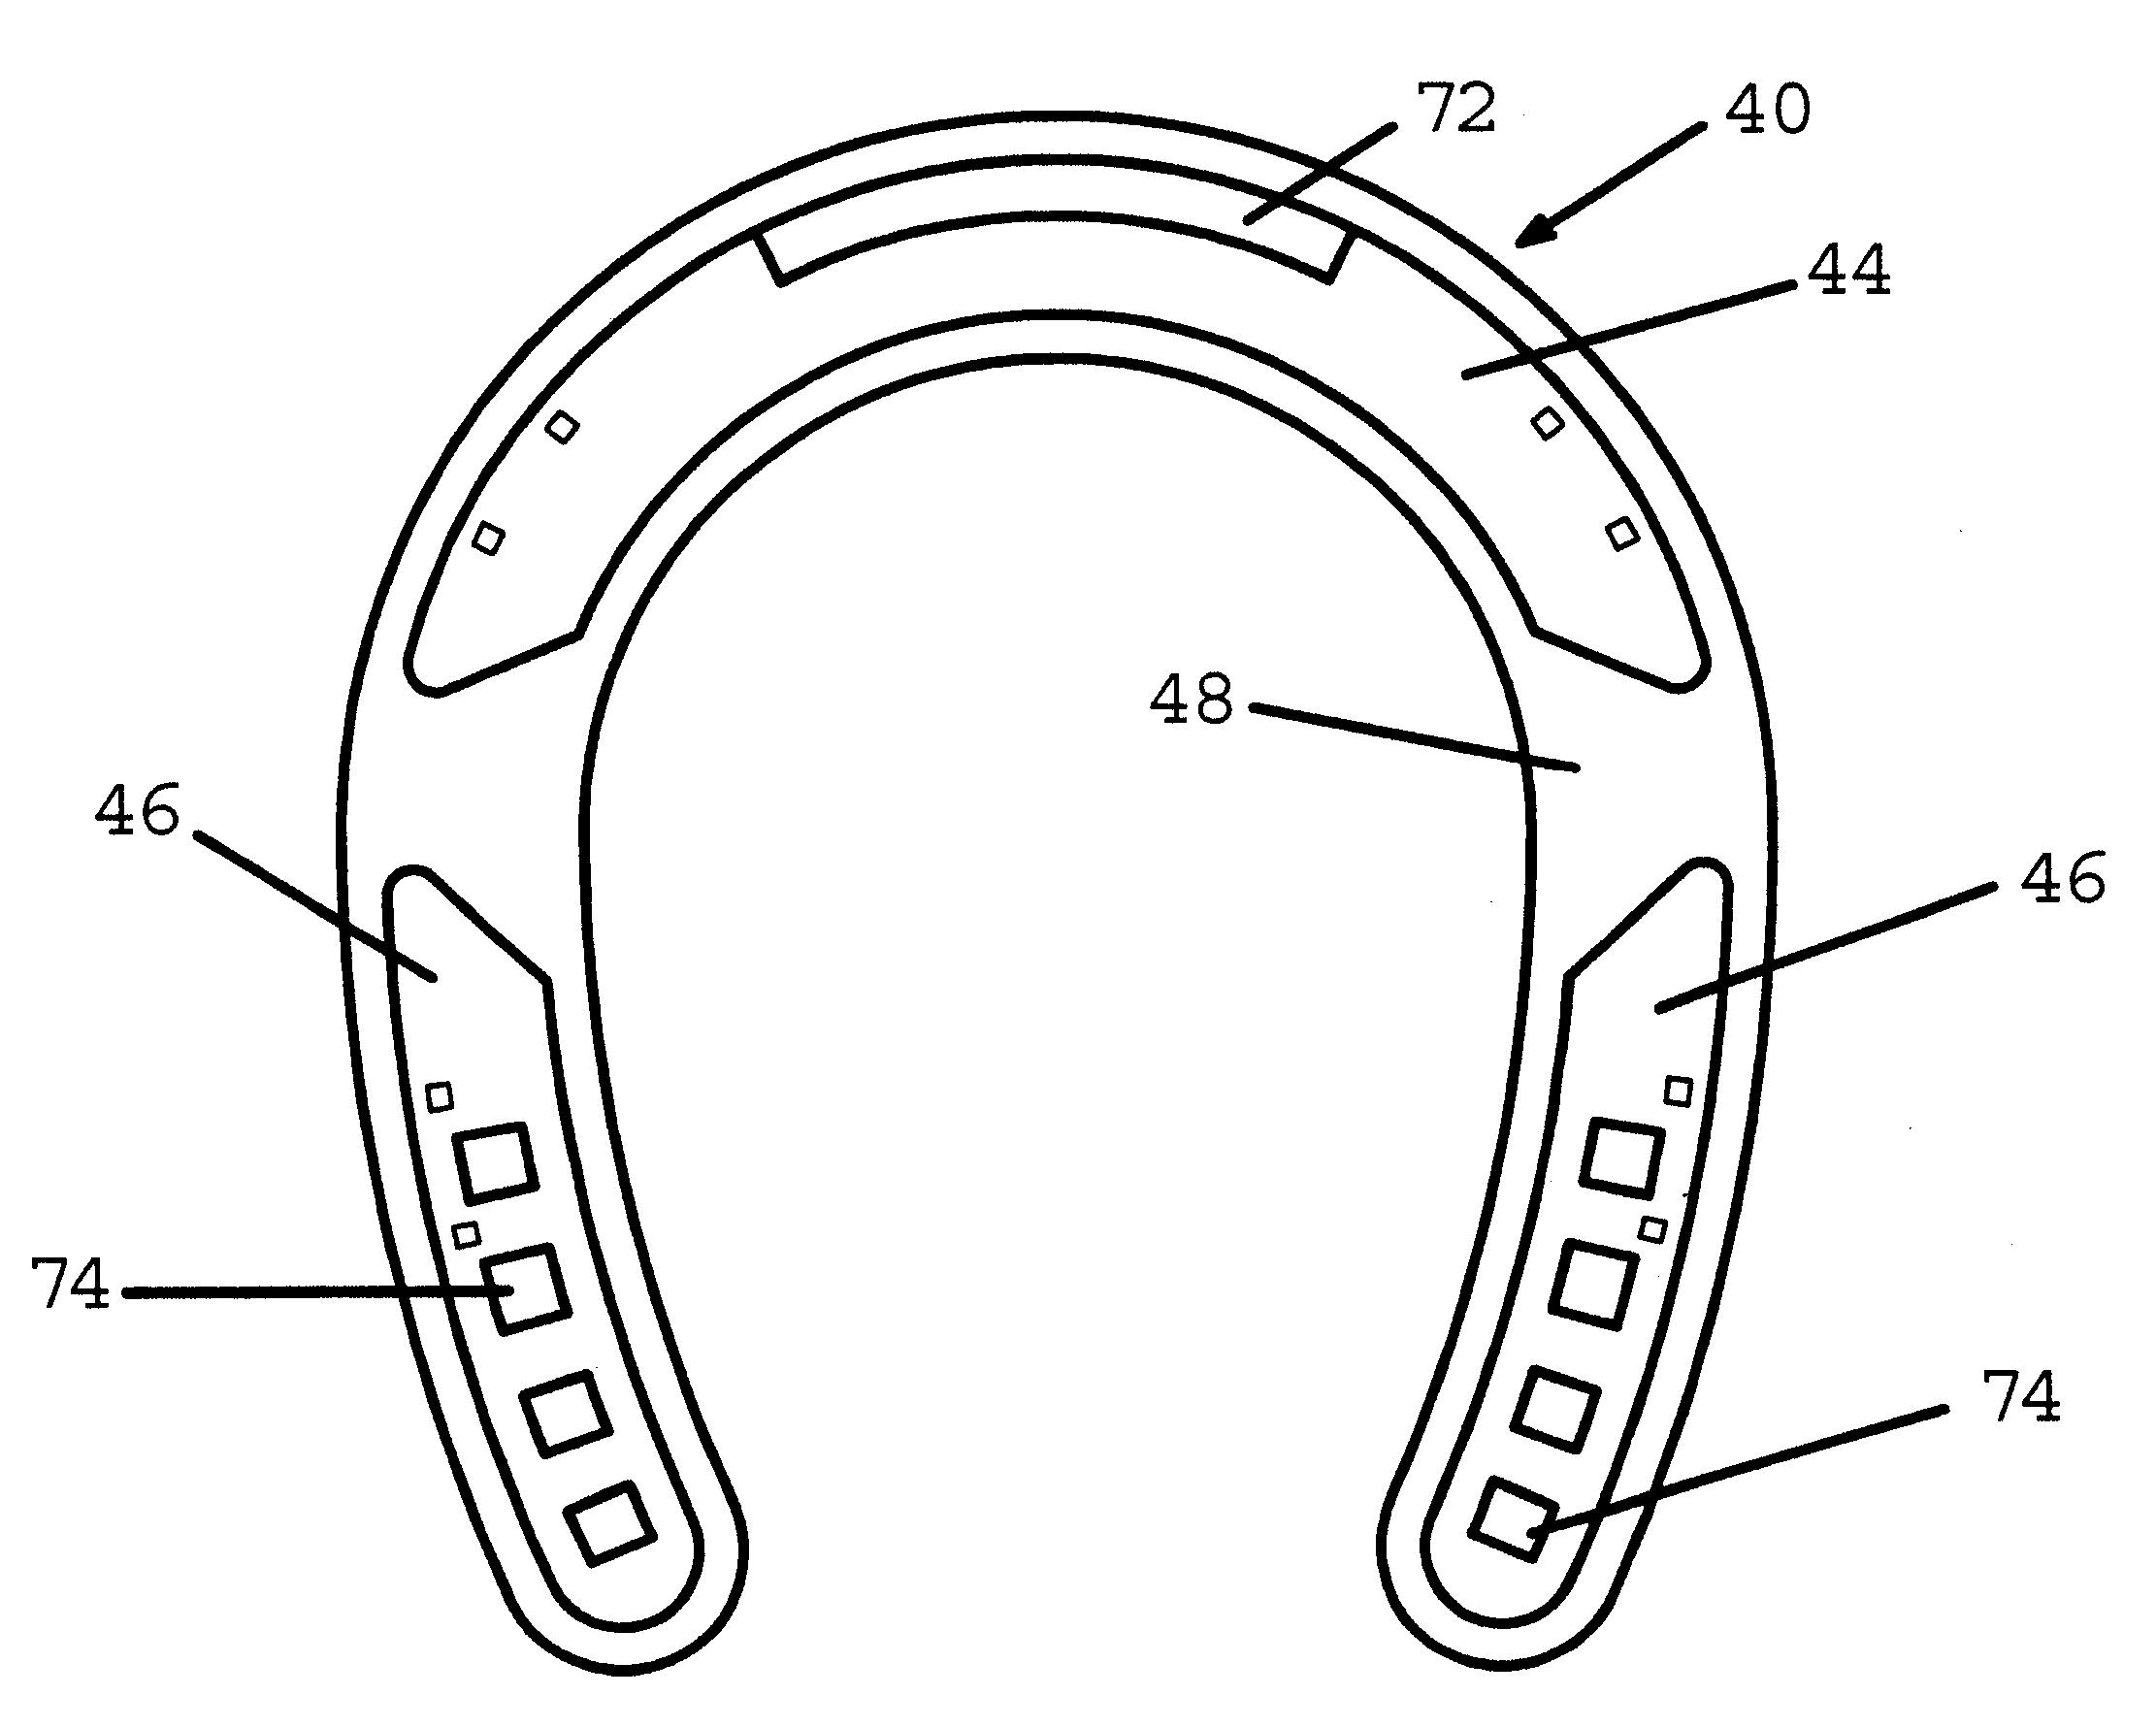 Drawn horseshoe horsesho Google Drawing Horseshoe US6497293 Patents